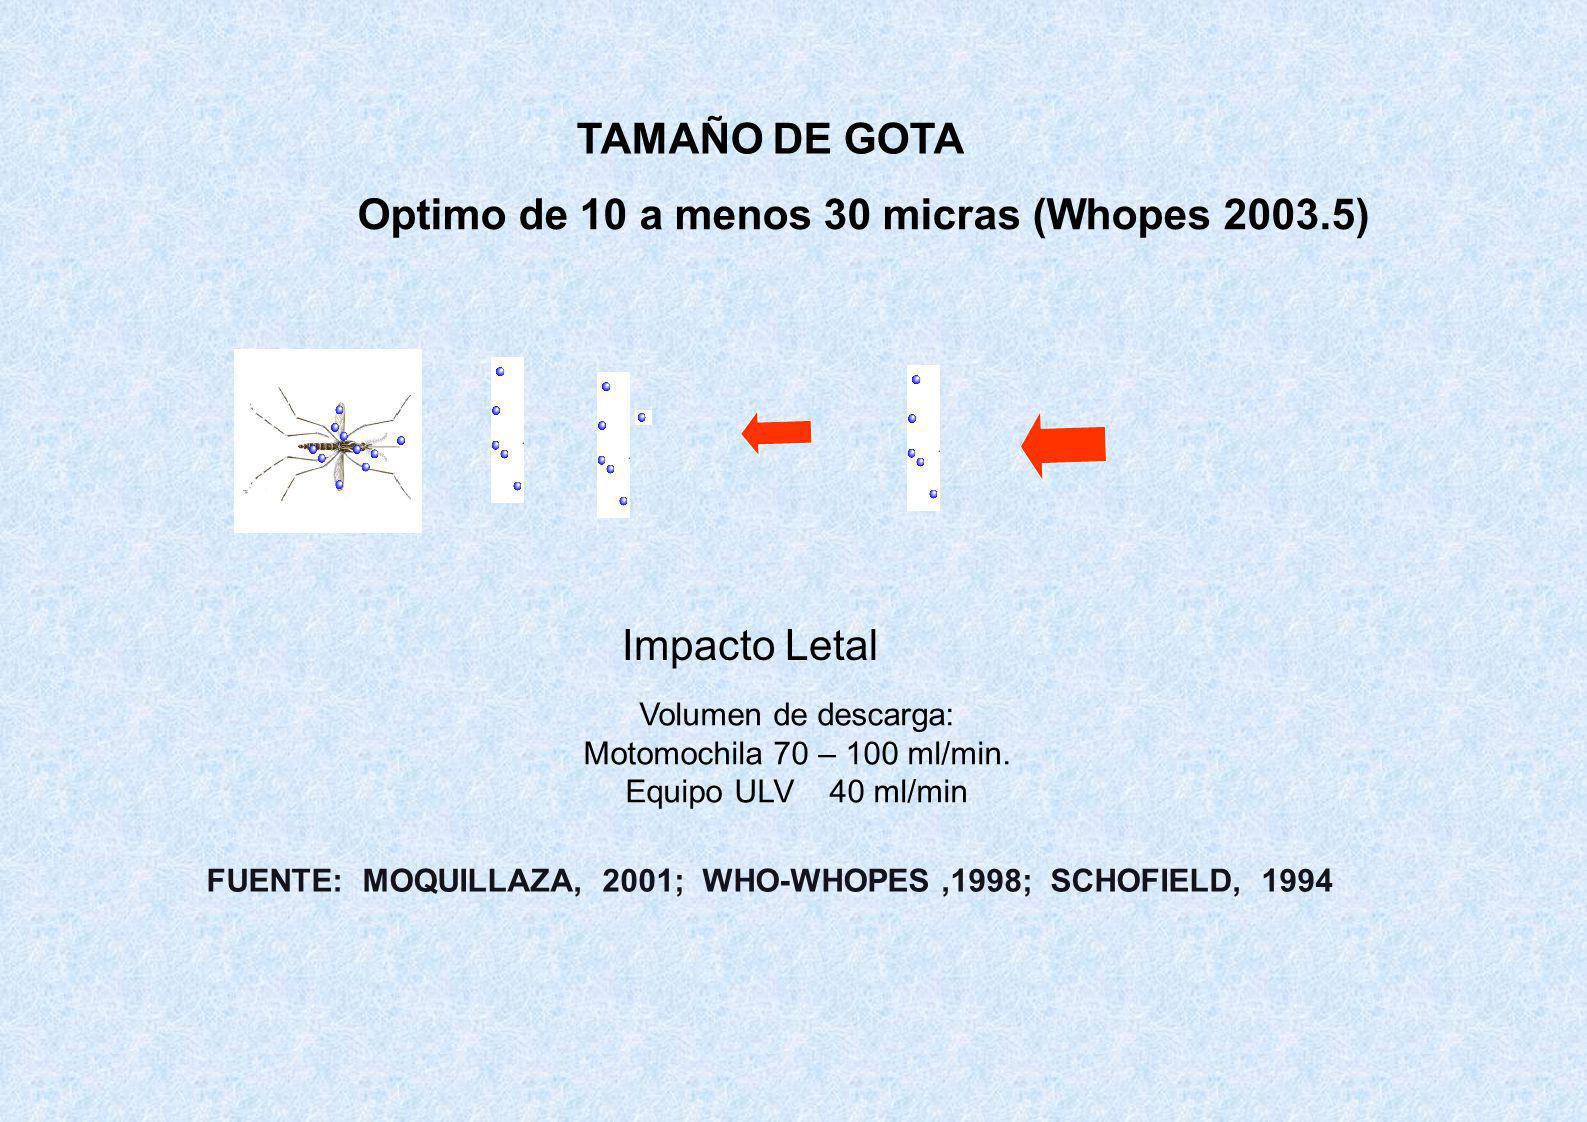 Optimo de 10 a menos 30 micras (Whopes 2003.5)